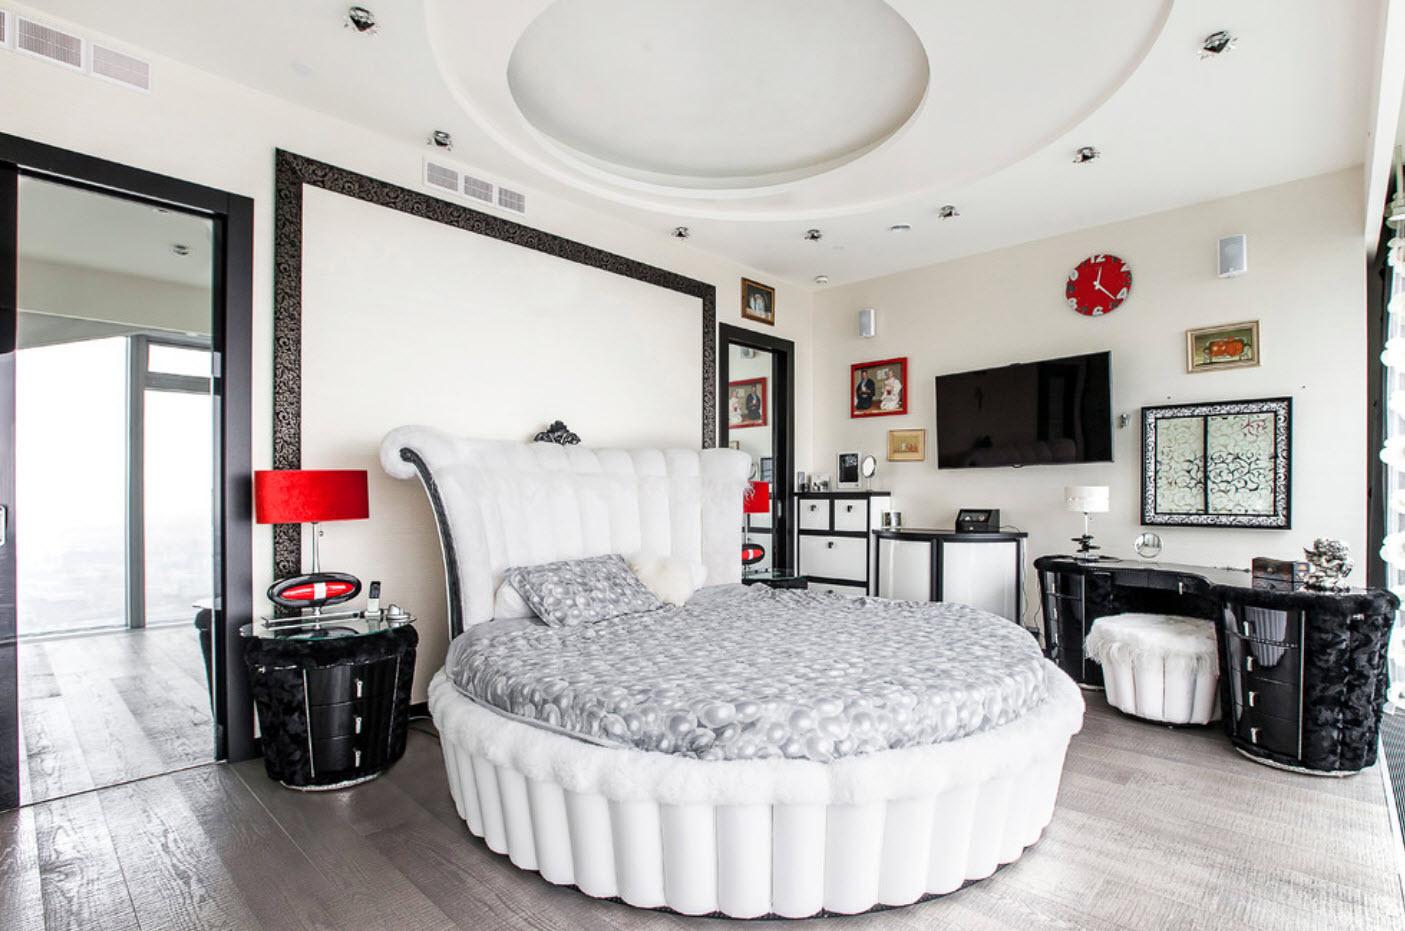 наслаждаюсь фото дизайна спален с круглой кровати поздравления именинами